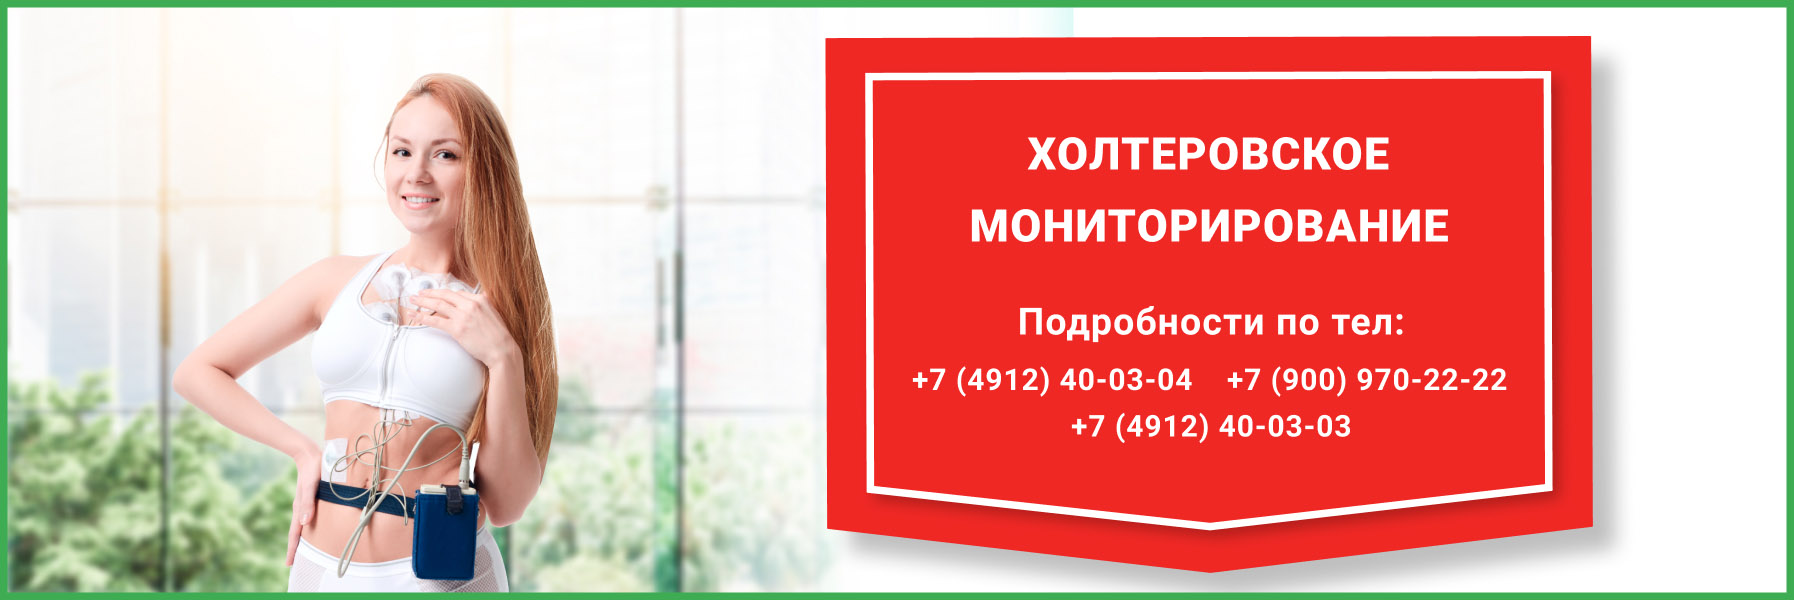 kholterovskoe-monitorirovanie